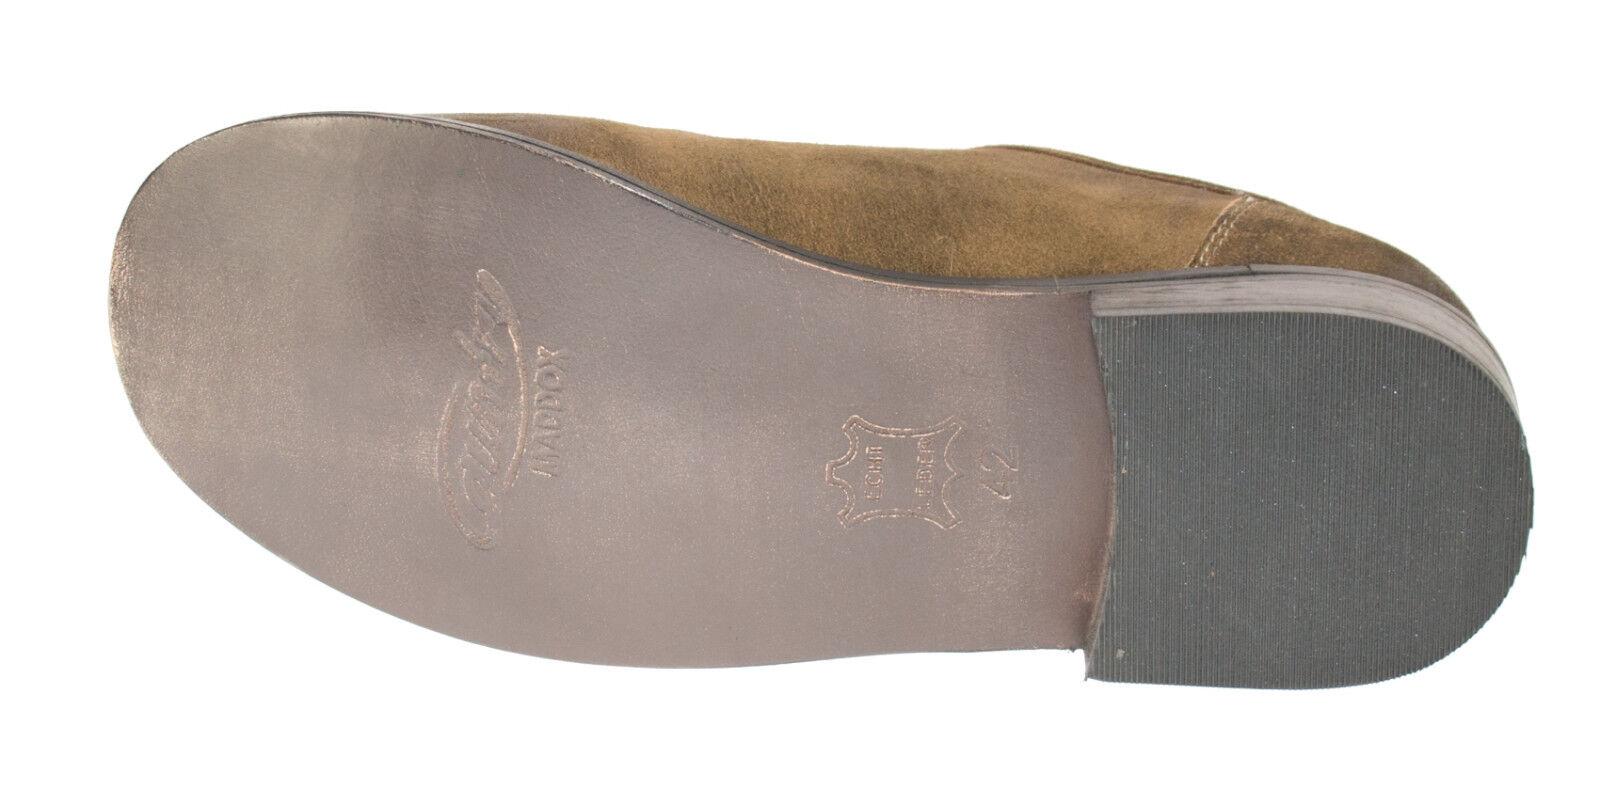 Trachtenschuhe Haferlschuhe 100% Leder Schuhe braun gespeckt antik gespeckt braun MADDOX 51379e